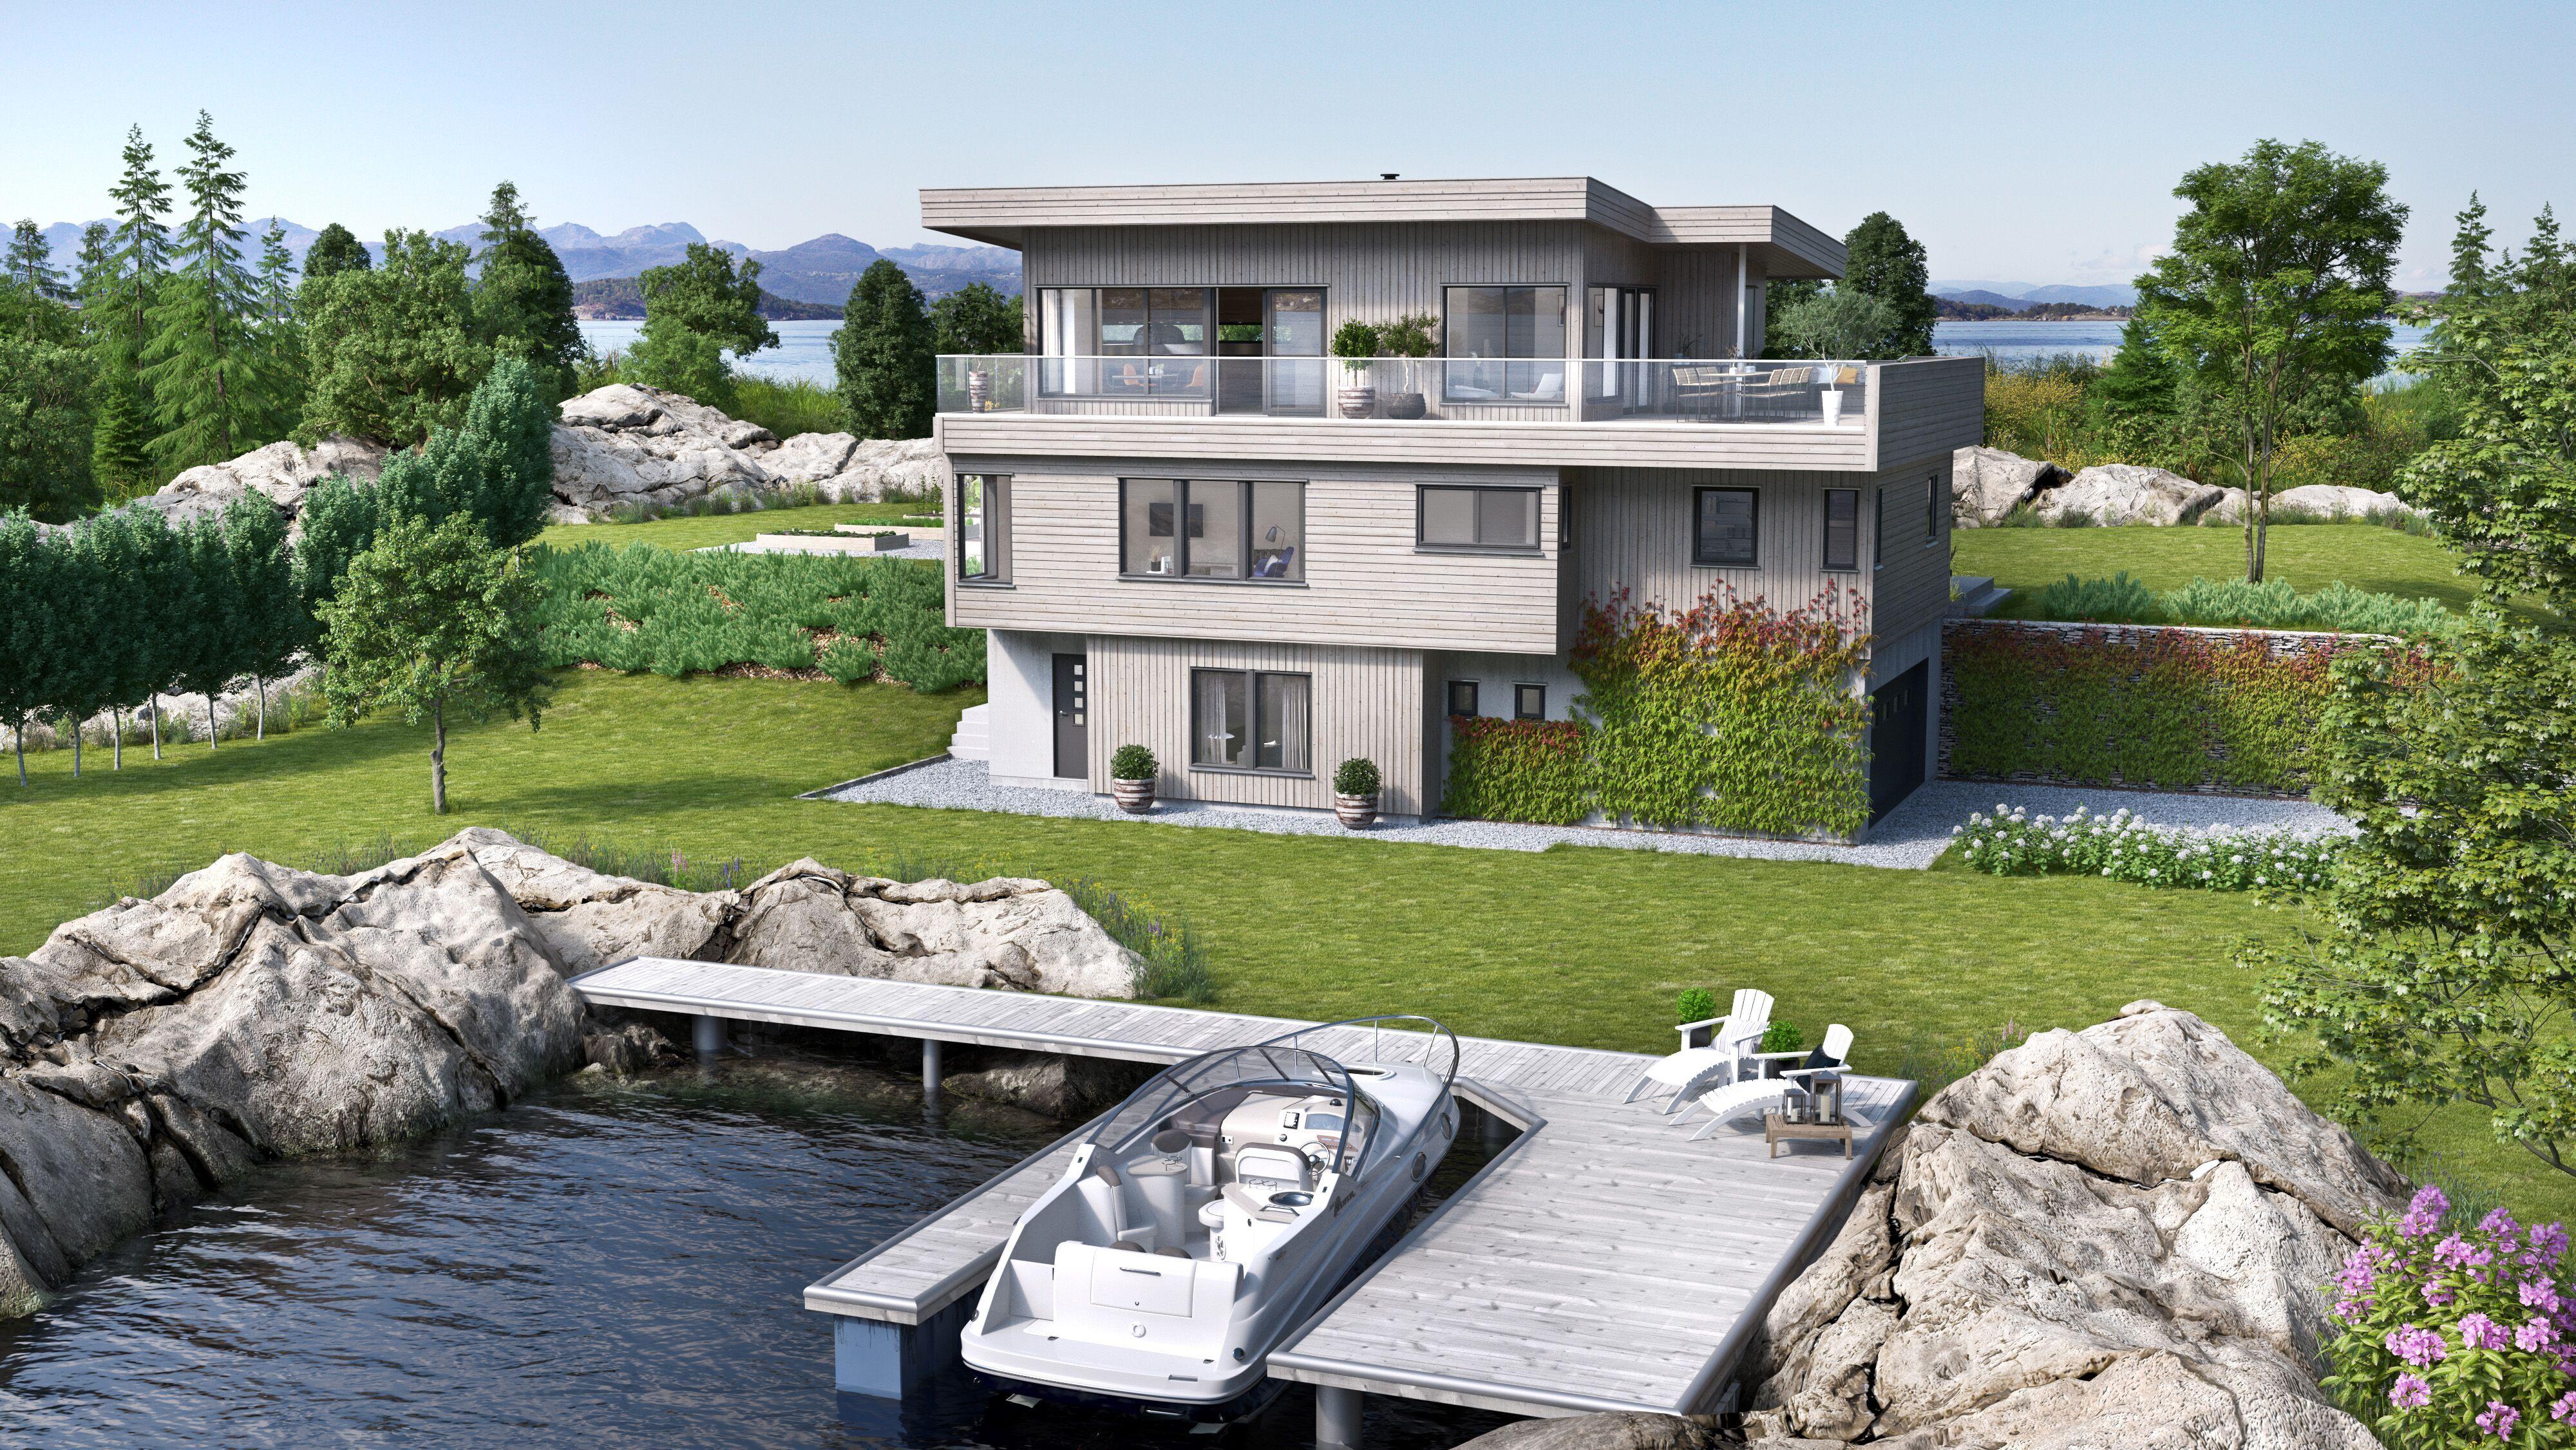 Bilde av husmodellen Eos fra Norske Hus